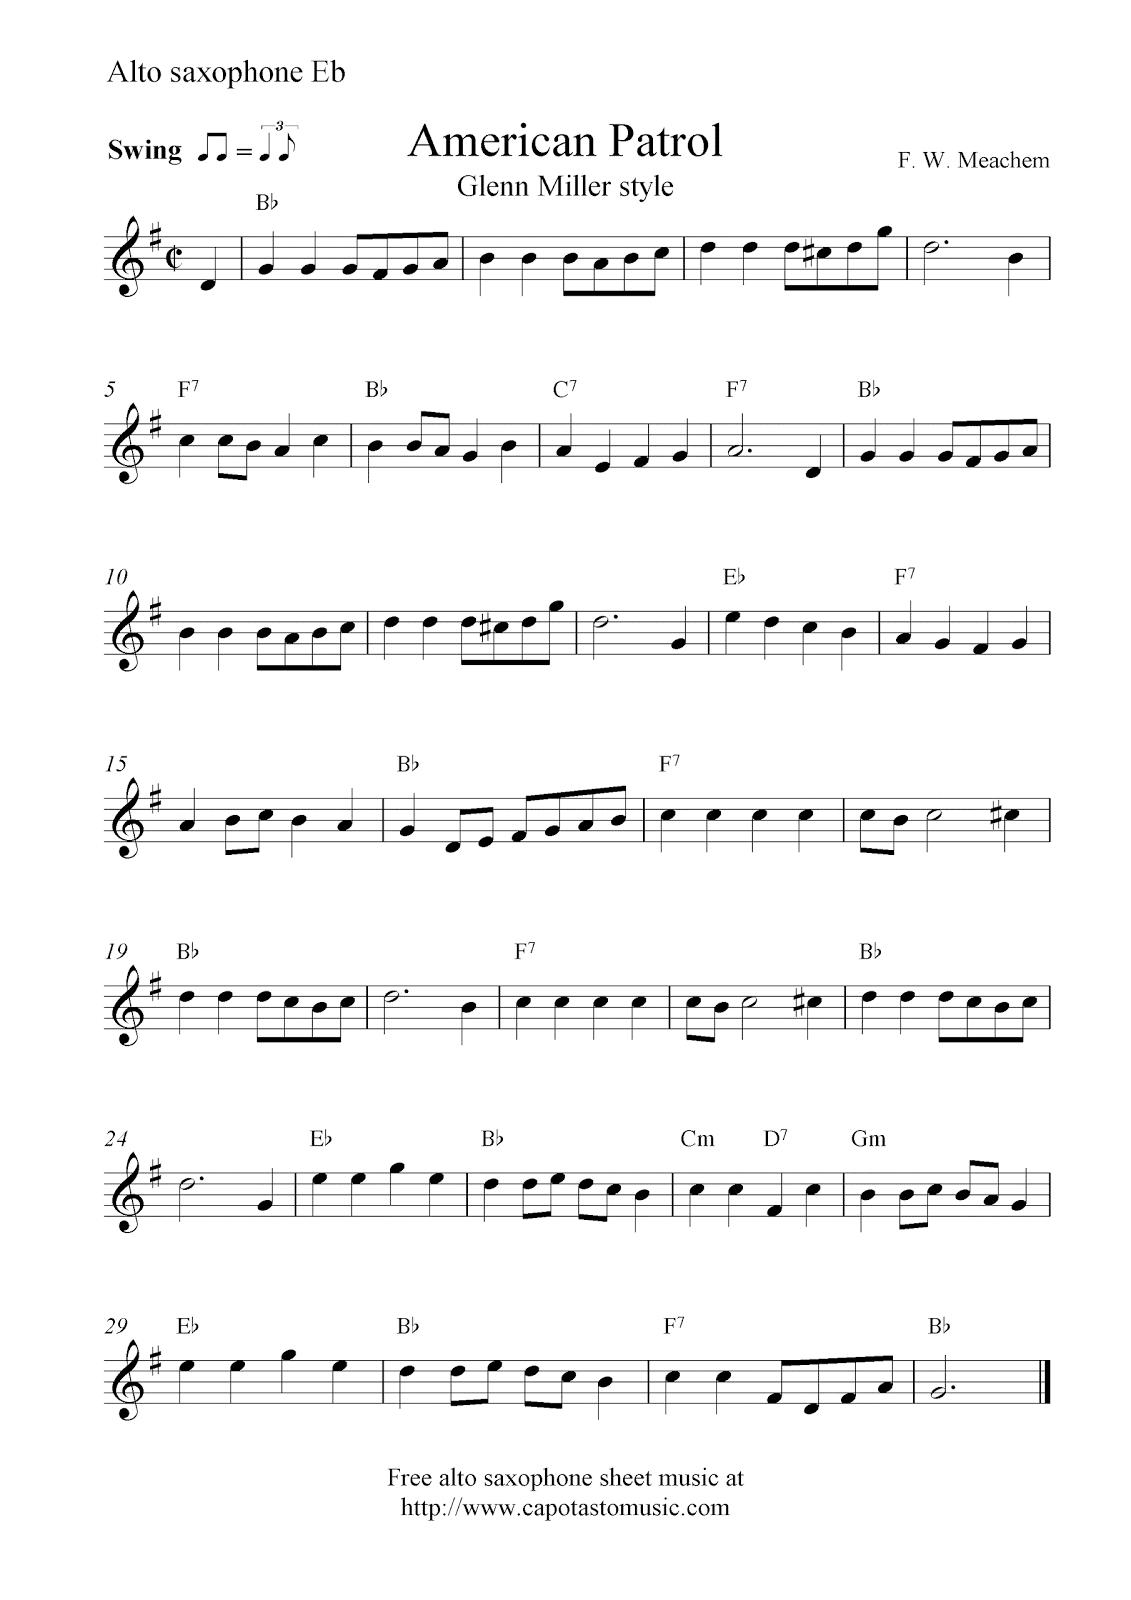 Saxophone sheet music